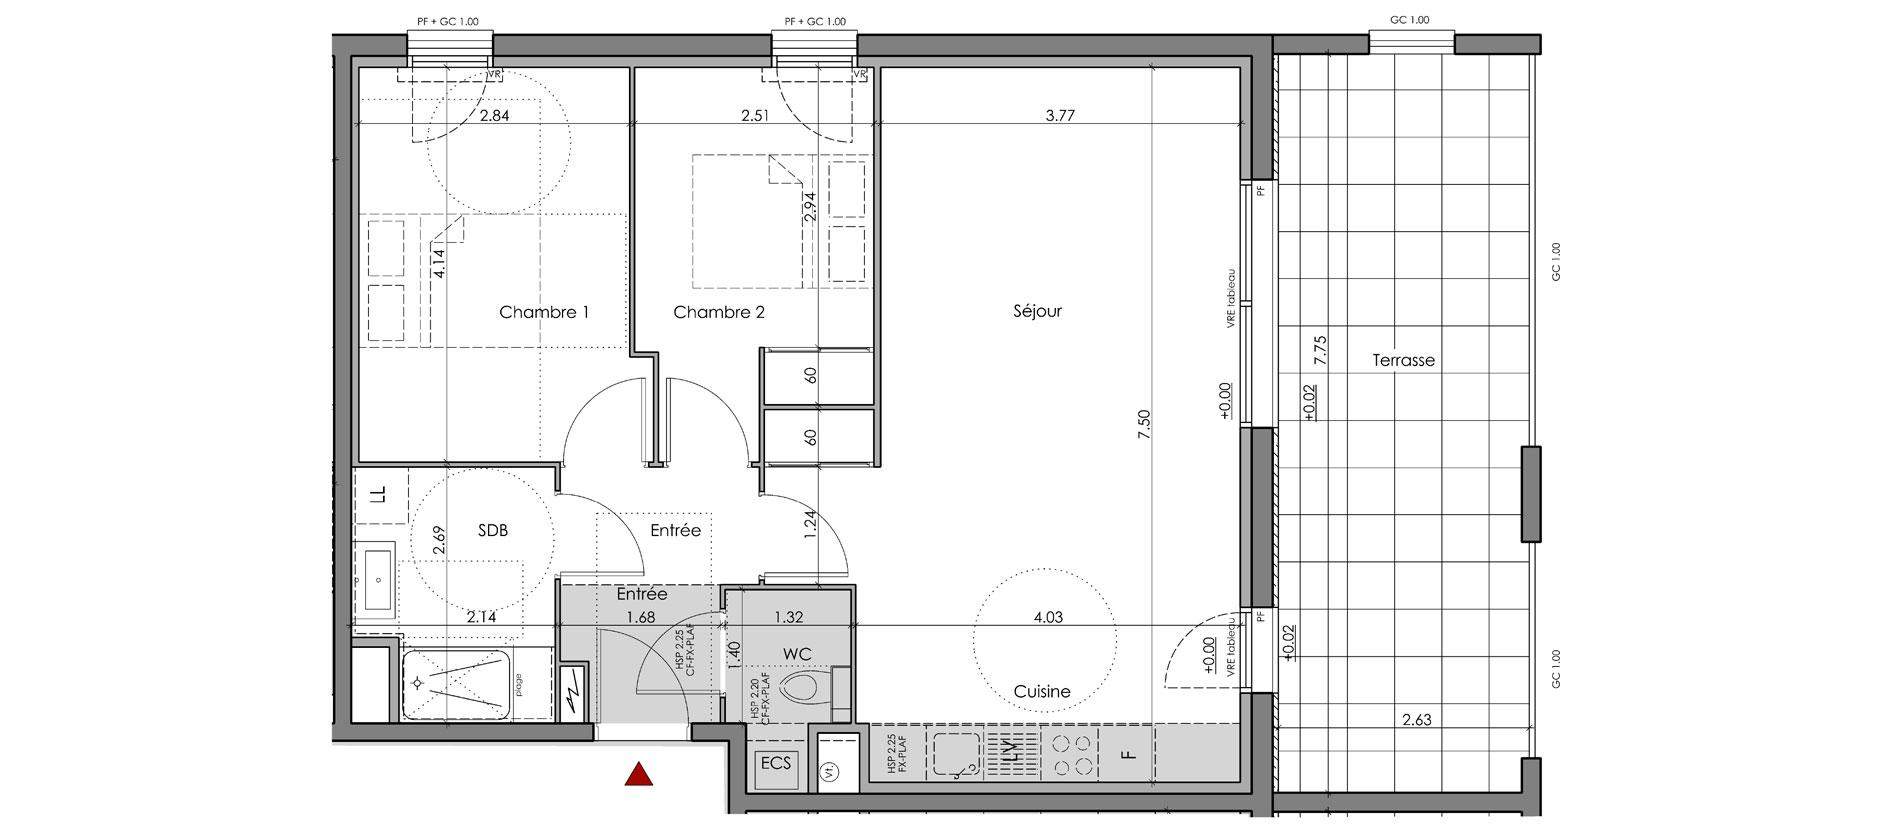 Plan VEFA du constructeur immobilier Aedifim au Pays Basque